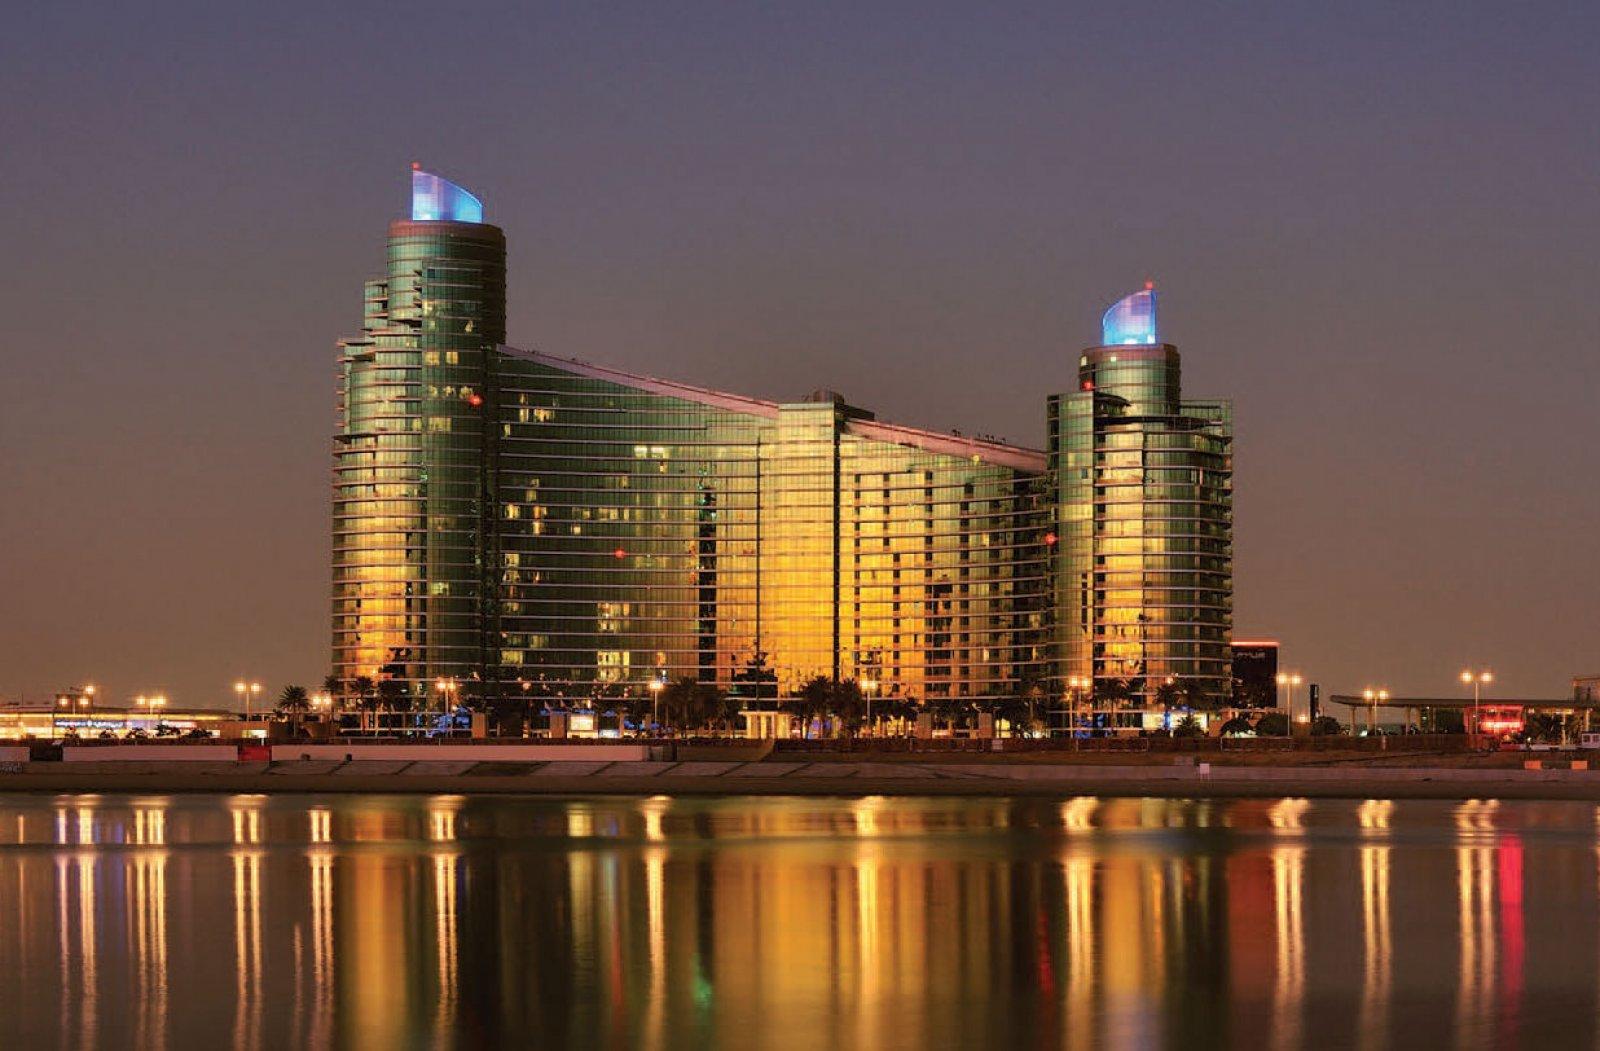 Dubai Festival City Harbour Plaza, B.A.E.